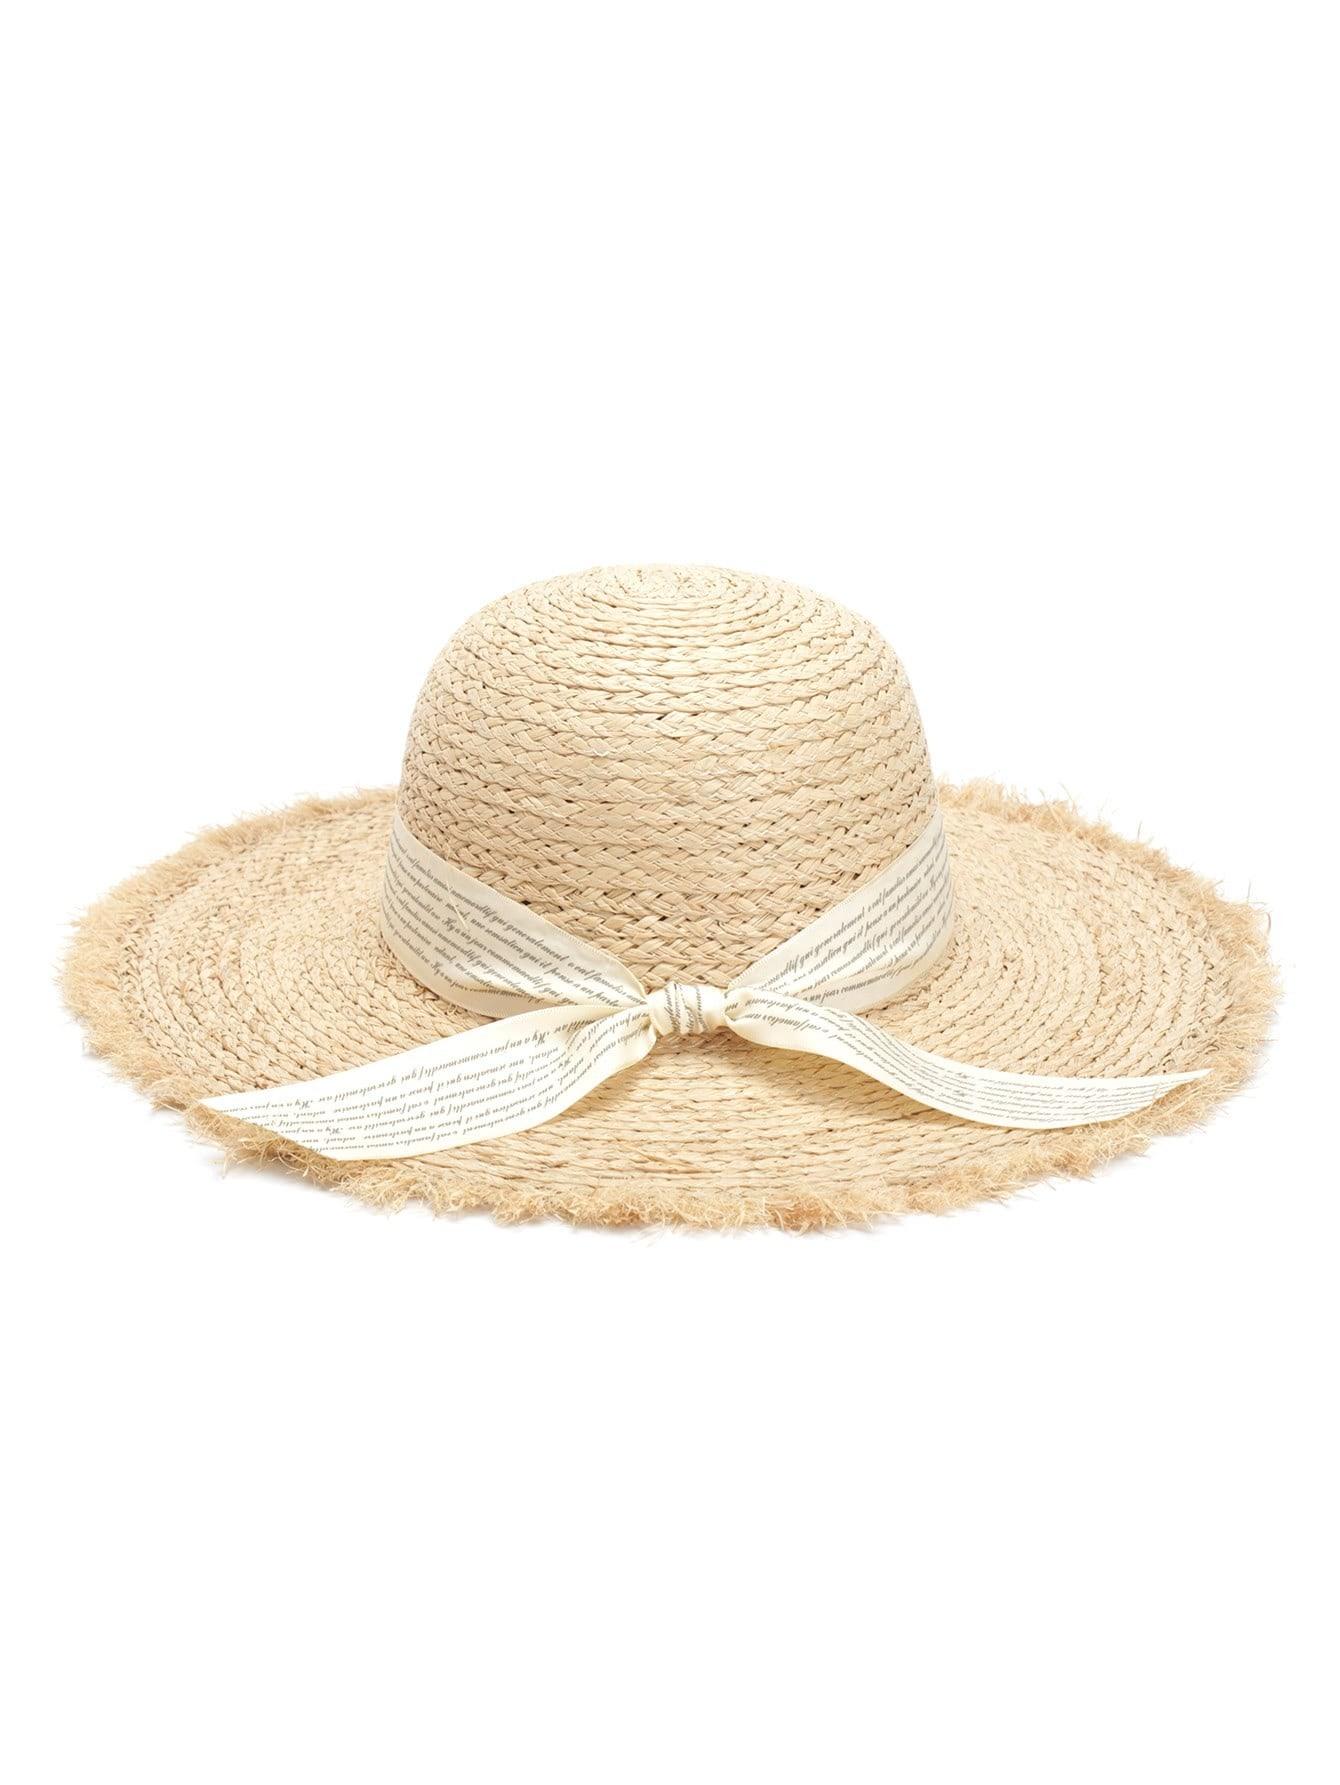 Knot Band Raw Trim Straw Hat